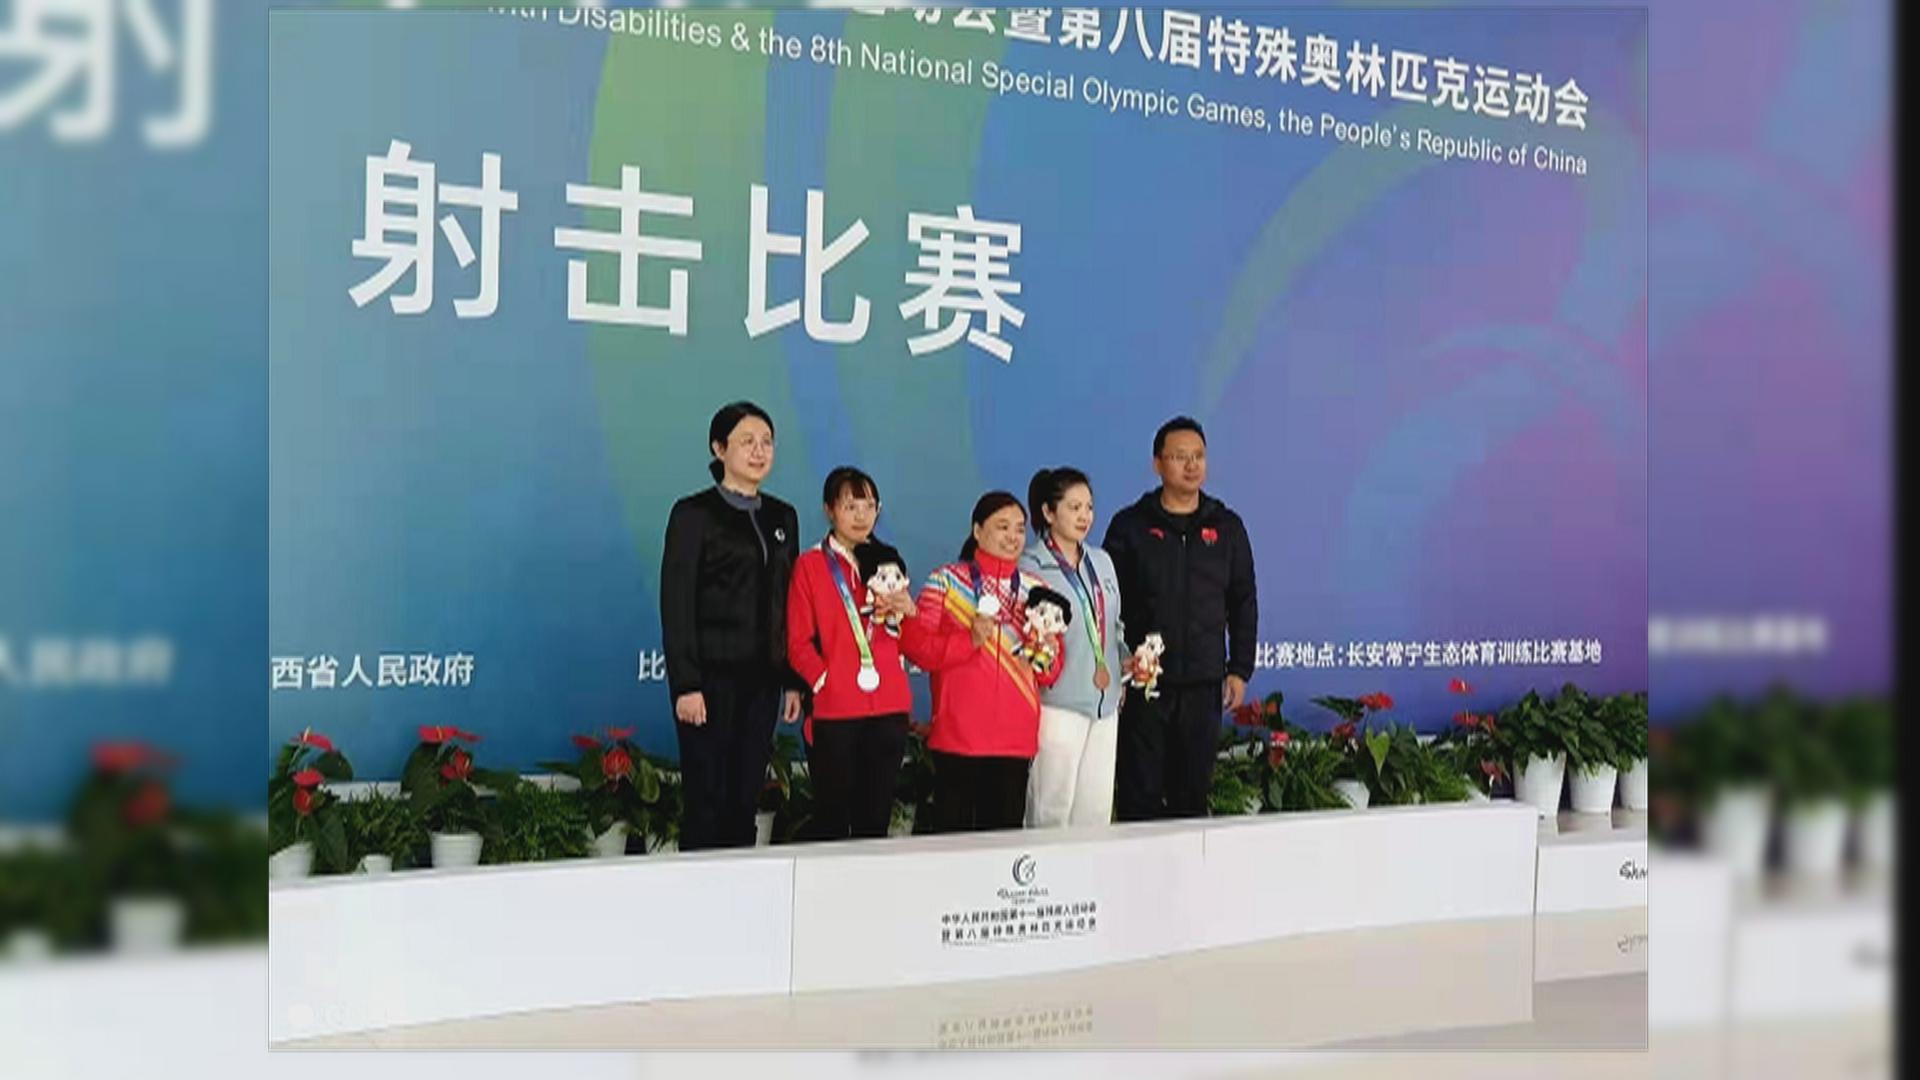 贵州新闻联播丨全国第十一届残运会 贵州射击选手夺得2金3银2铜